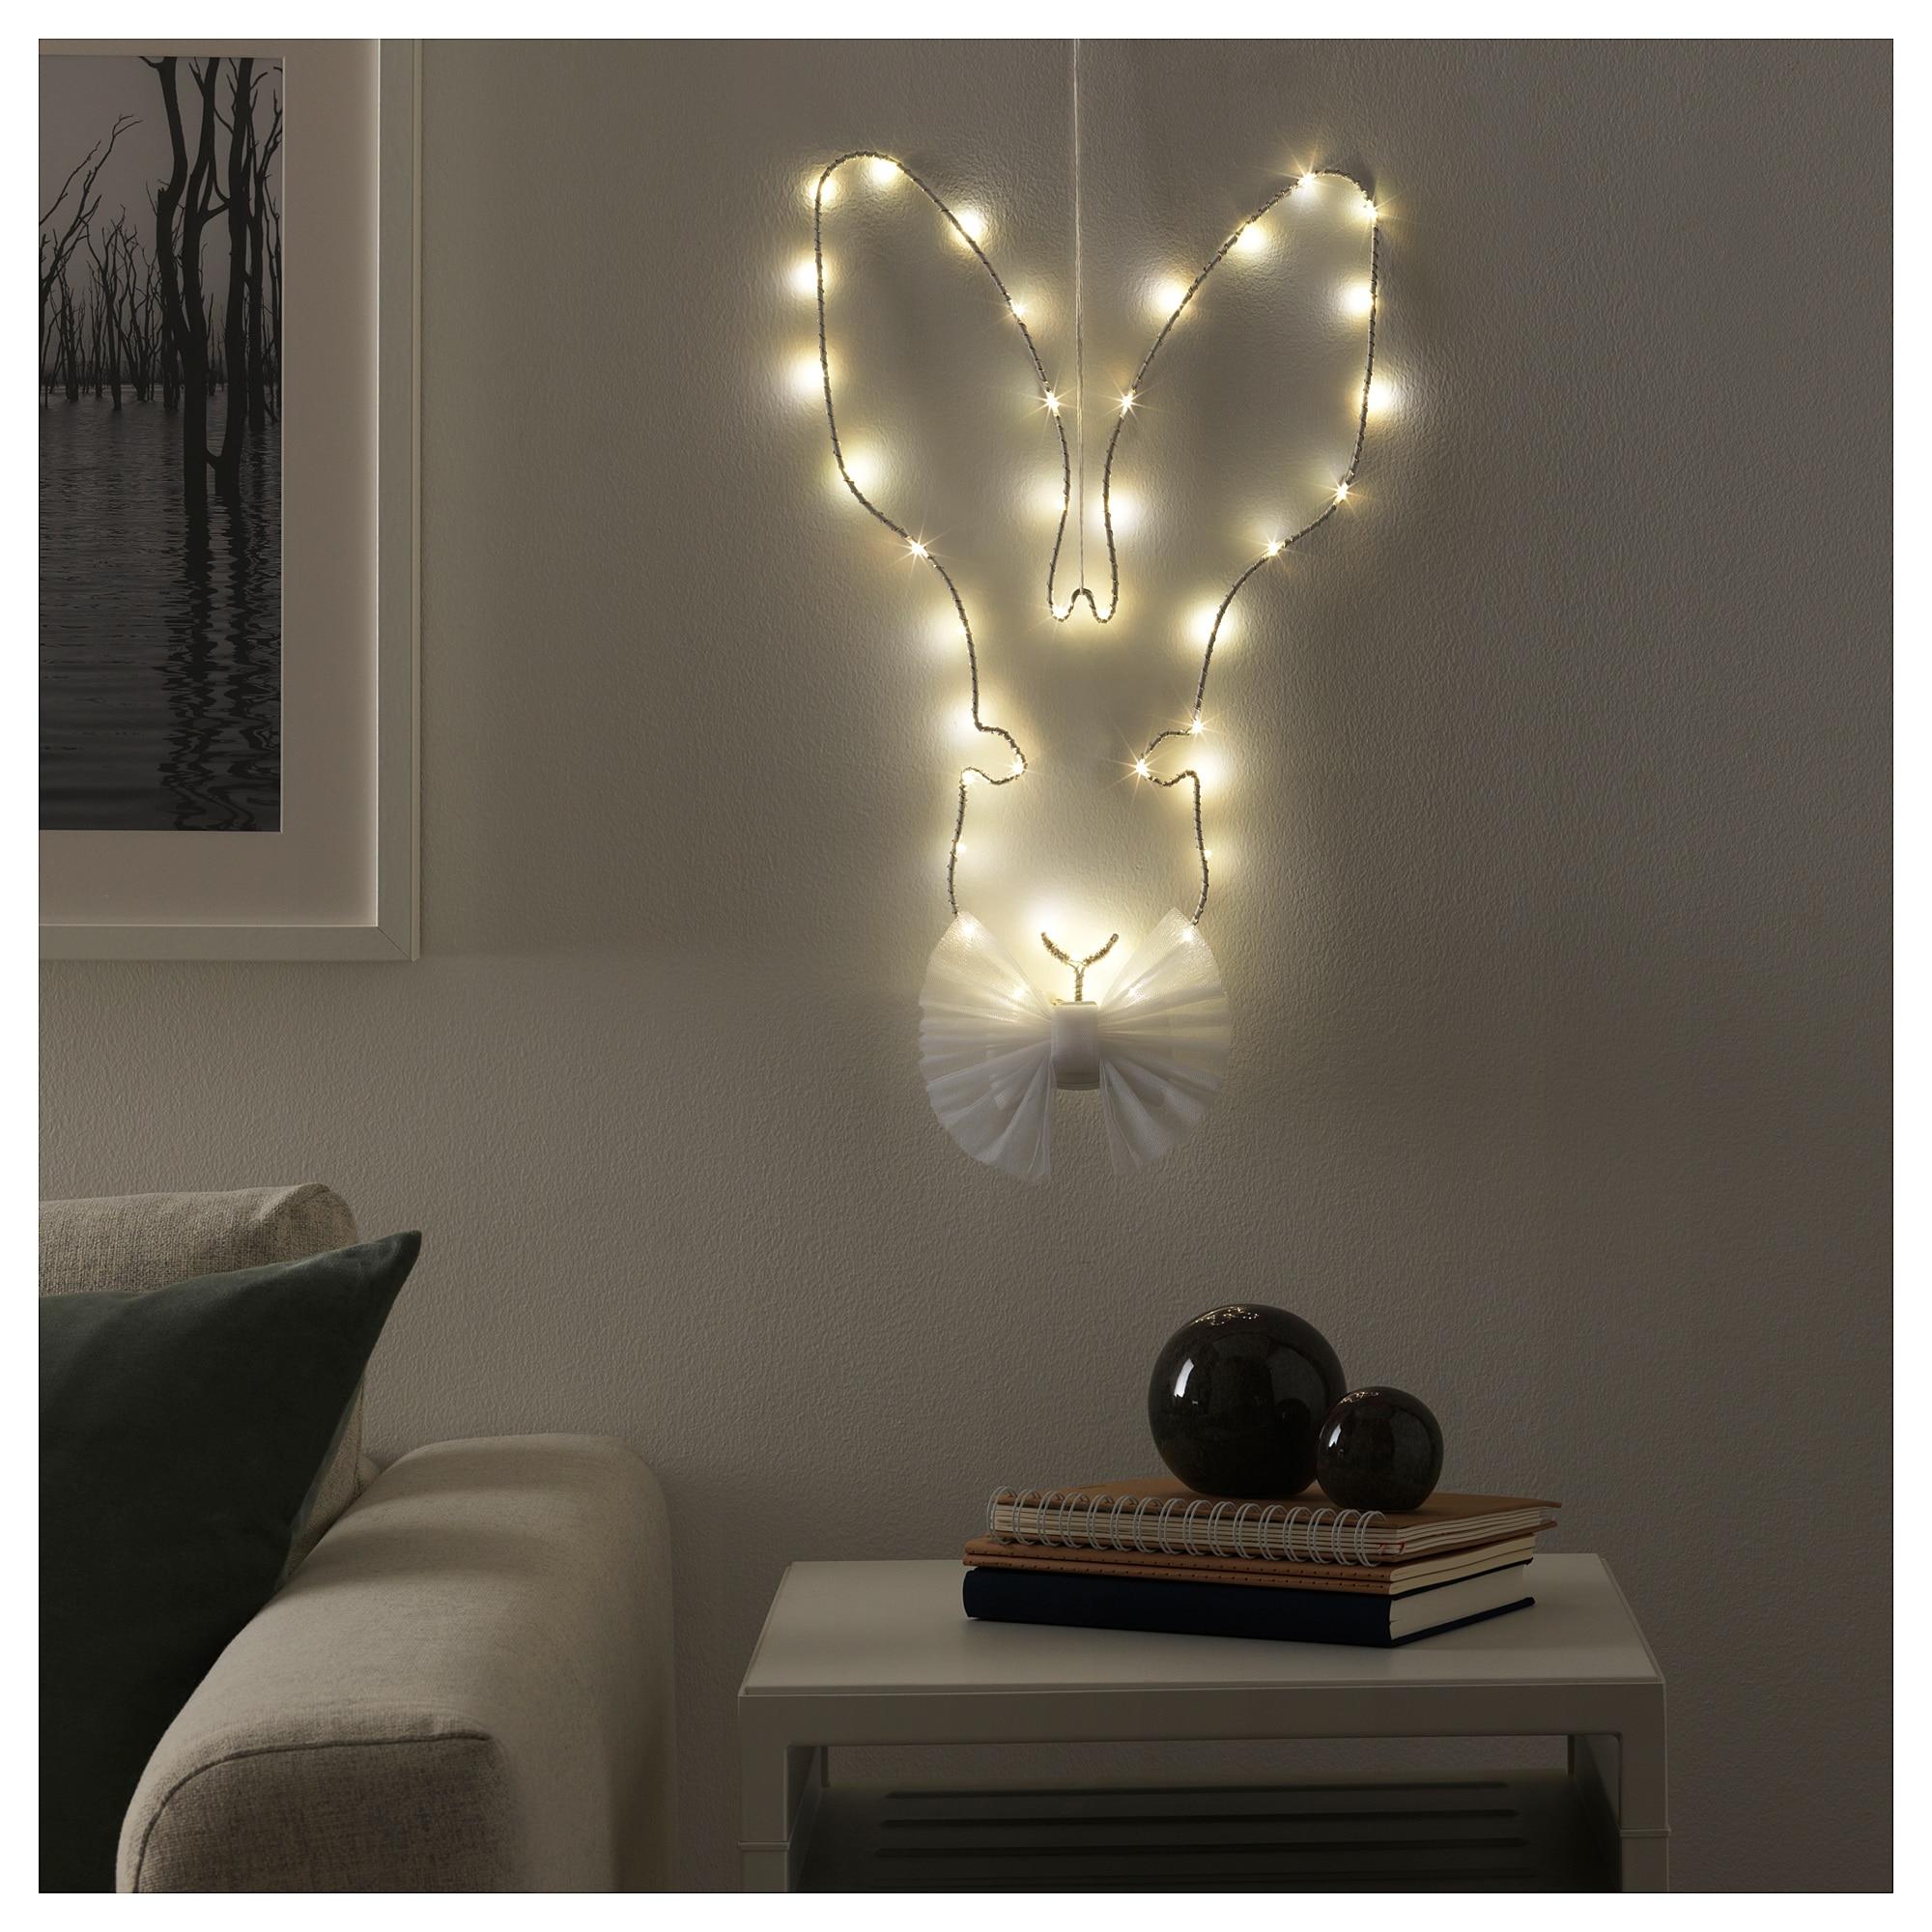 Бра/подвесной светильник СТРОЛА артикуль № 804.155.57 в наличии. Онлайн магазин IKEA Беларусь. Недорогая доставка и монтаж.